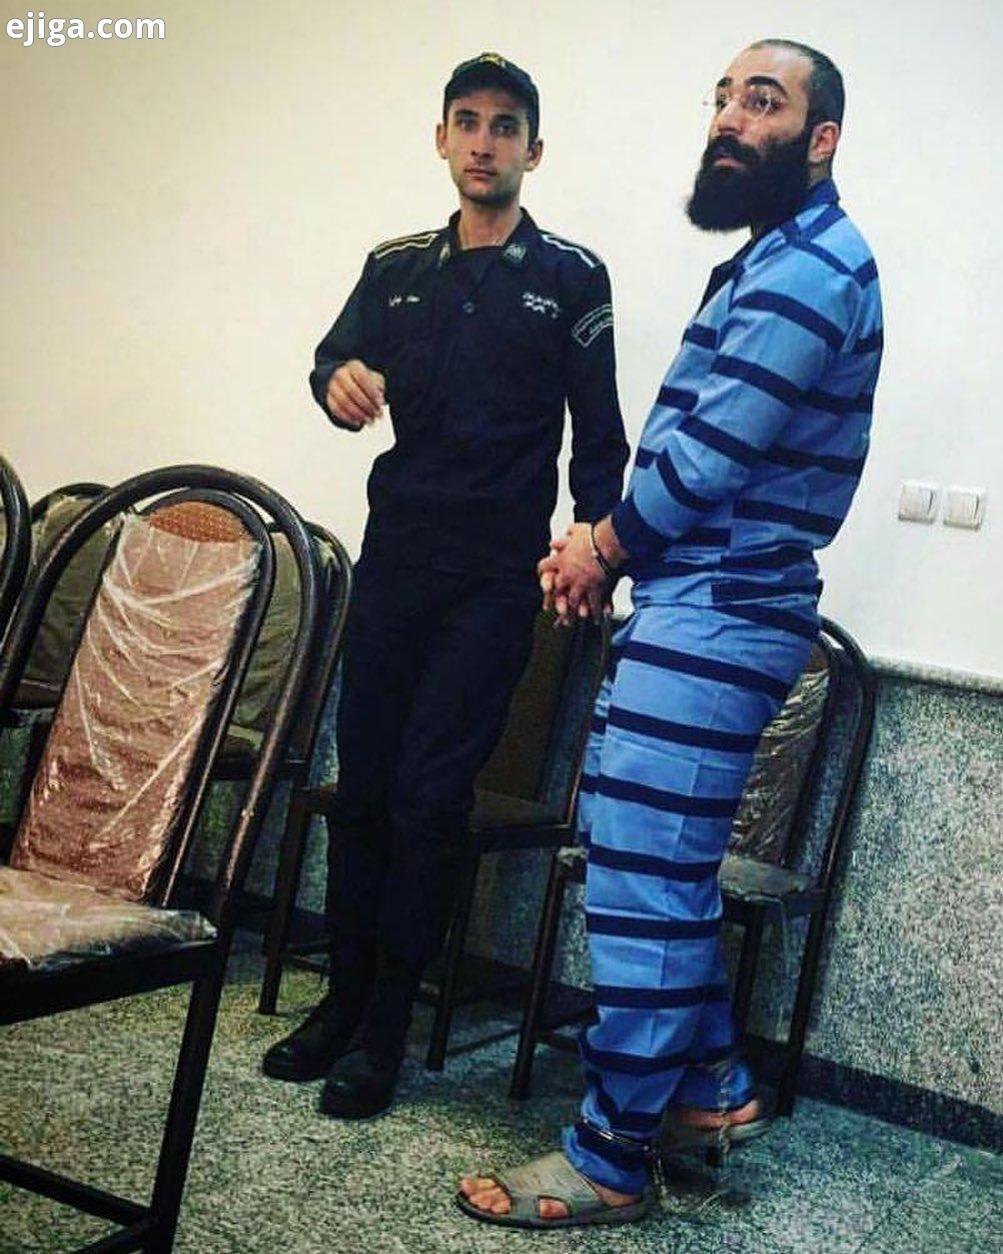 حکم اعدام حمید صفت صادر شد.به گزارش همشهری قضات دادگاه کیفری حمید صفت را گناهکار تشخیص داده این خوان